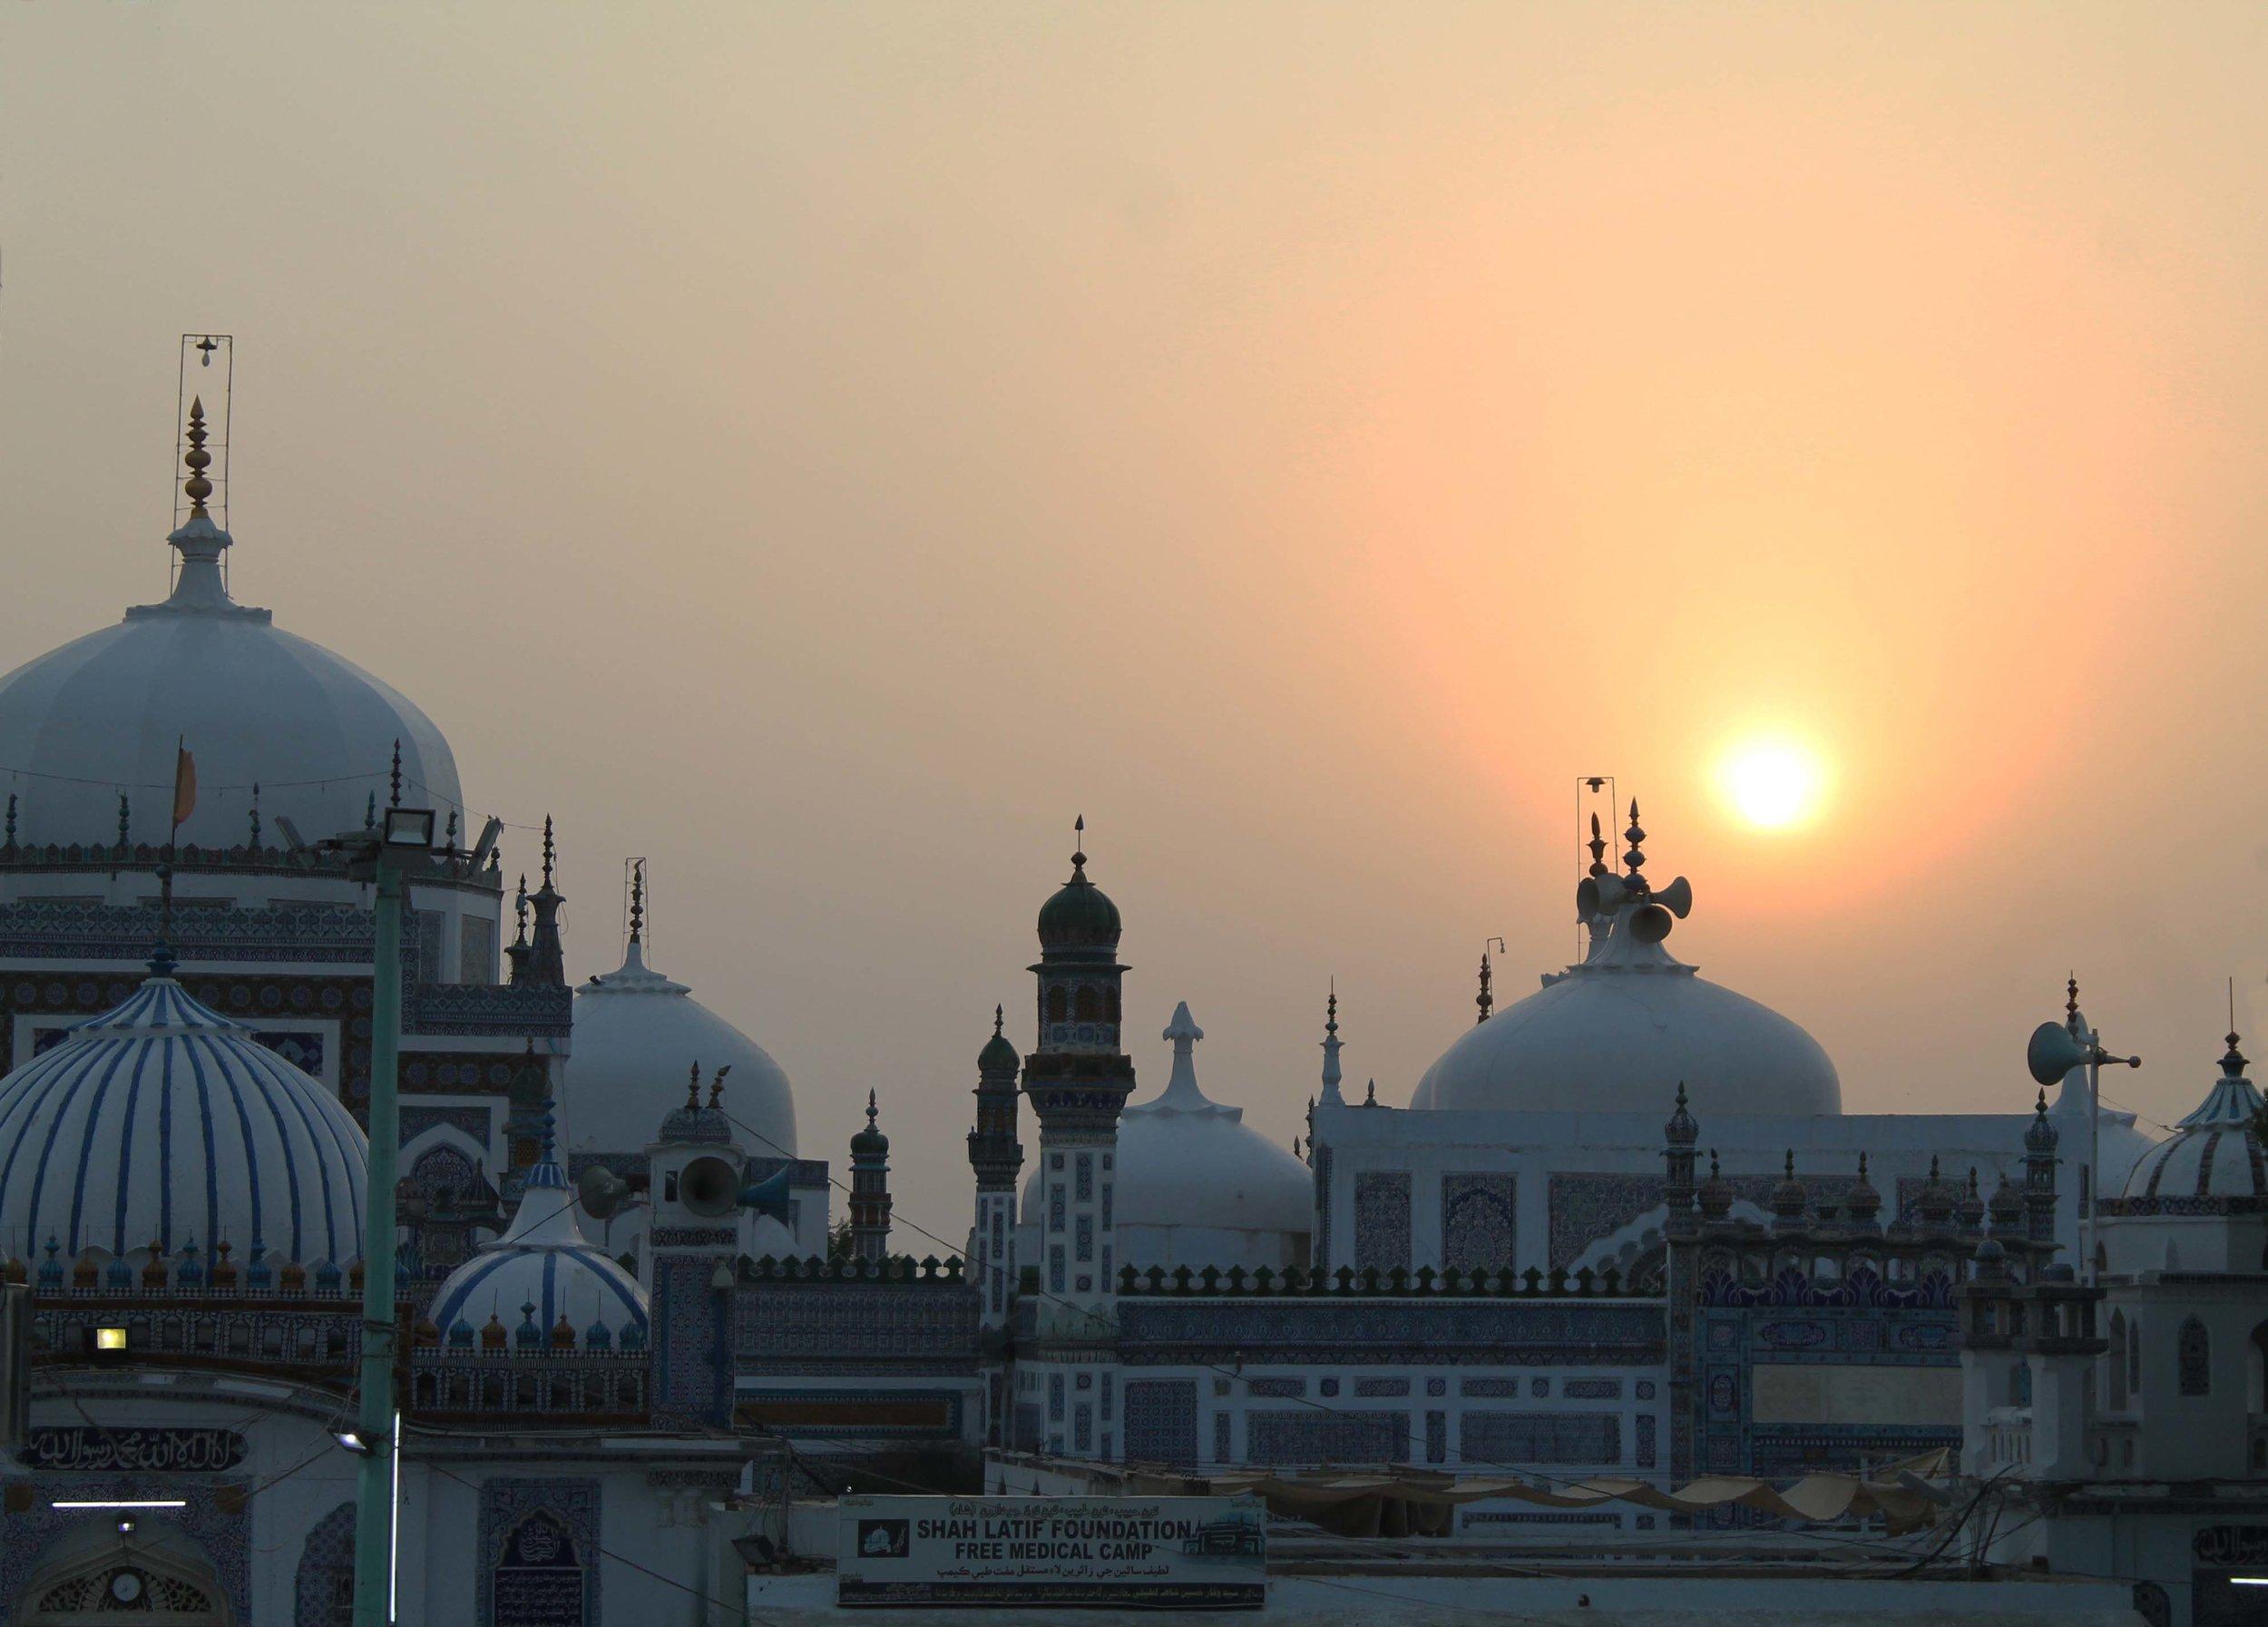 Sunset at the Shrine of Shah Abdul Latif Bhittai in Bhit Shah